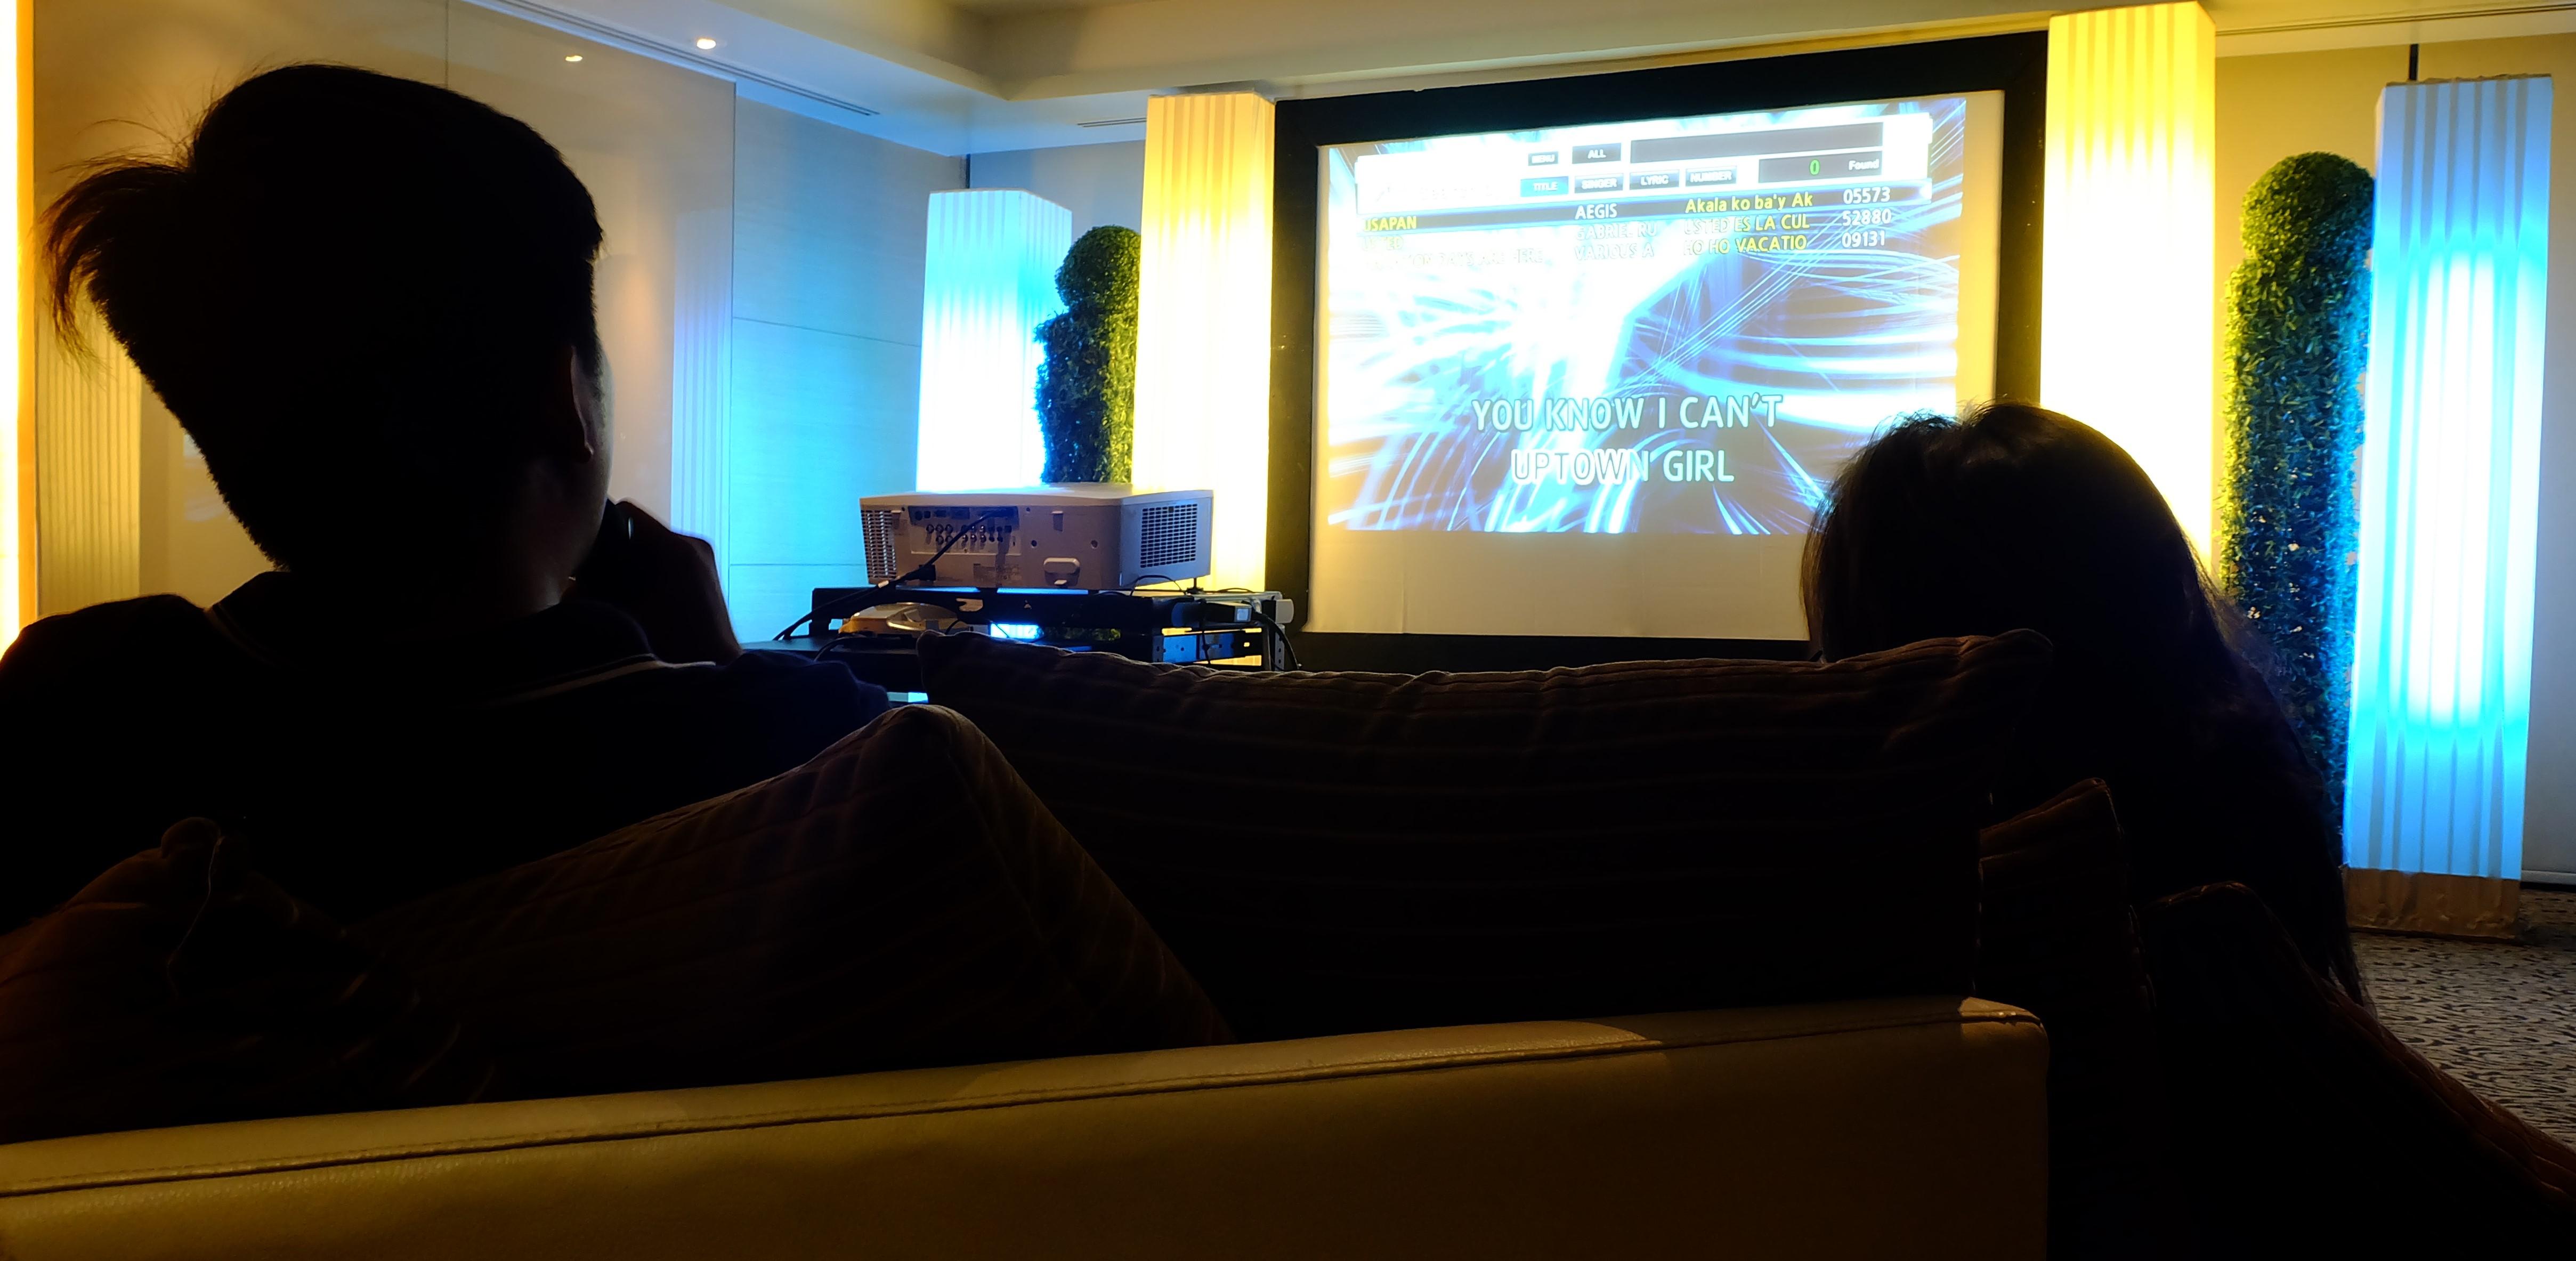 Cozy Quest Hotel Karaoke